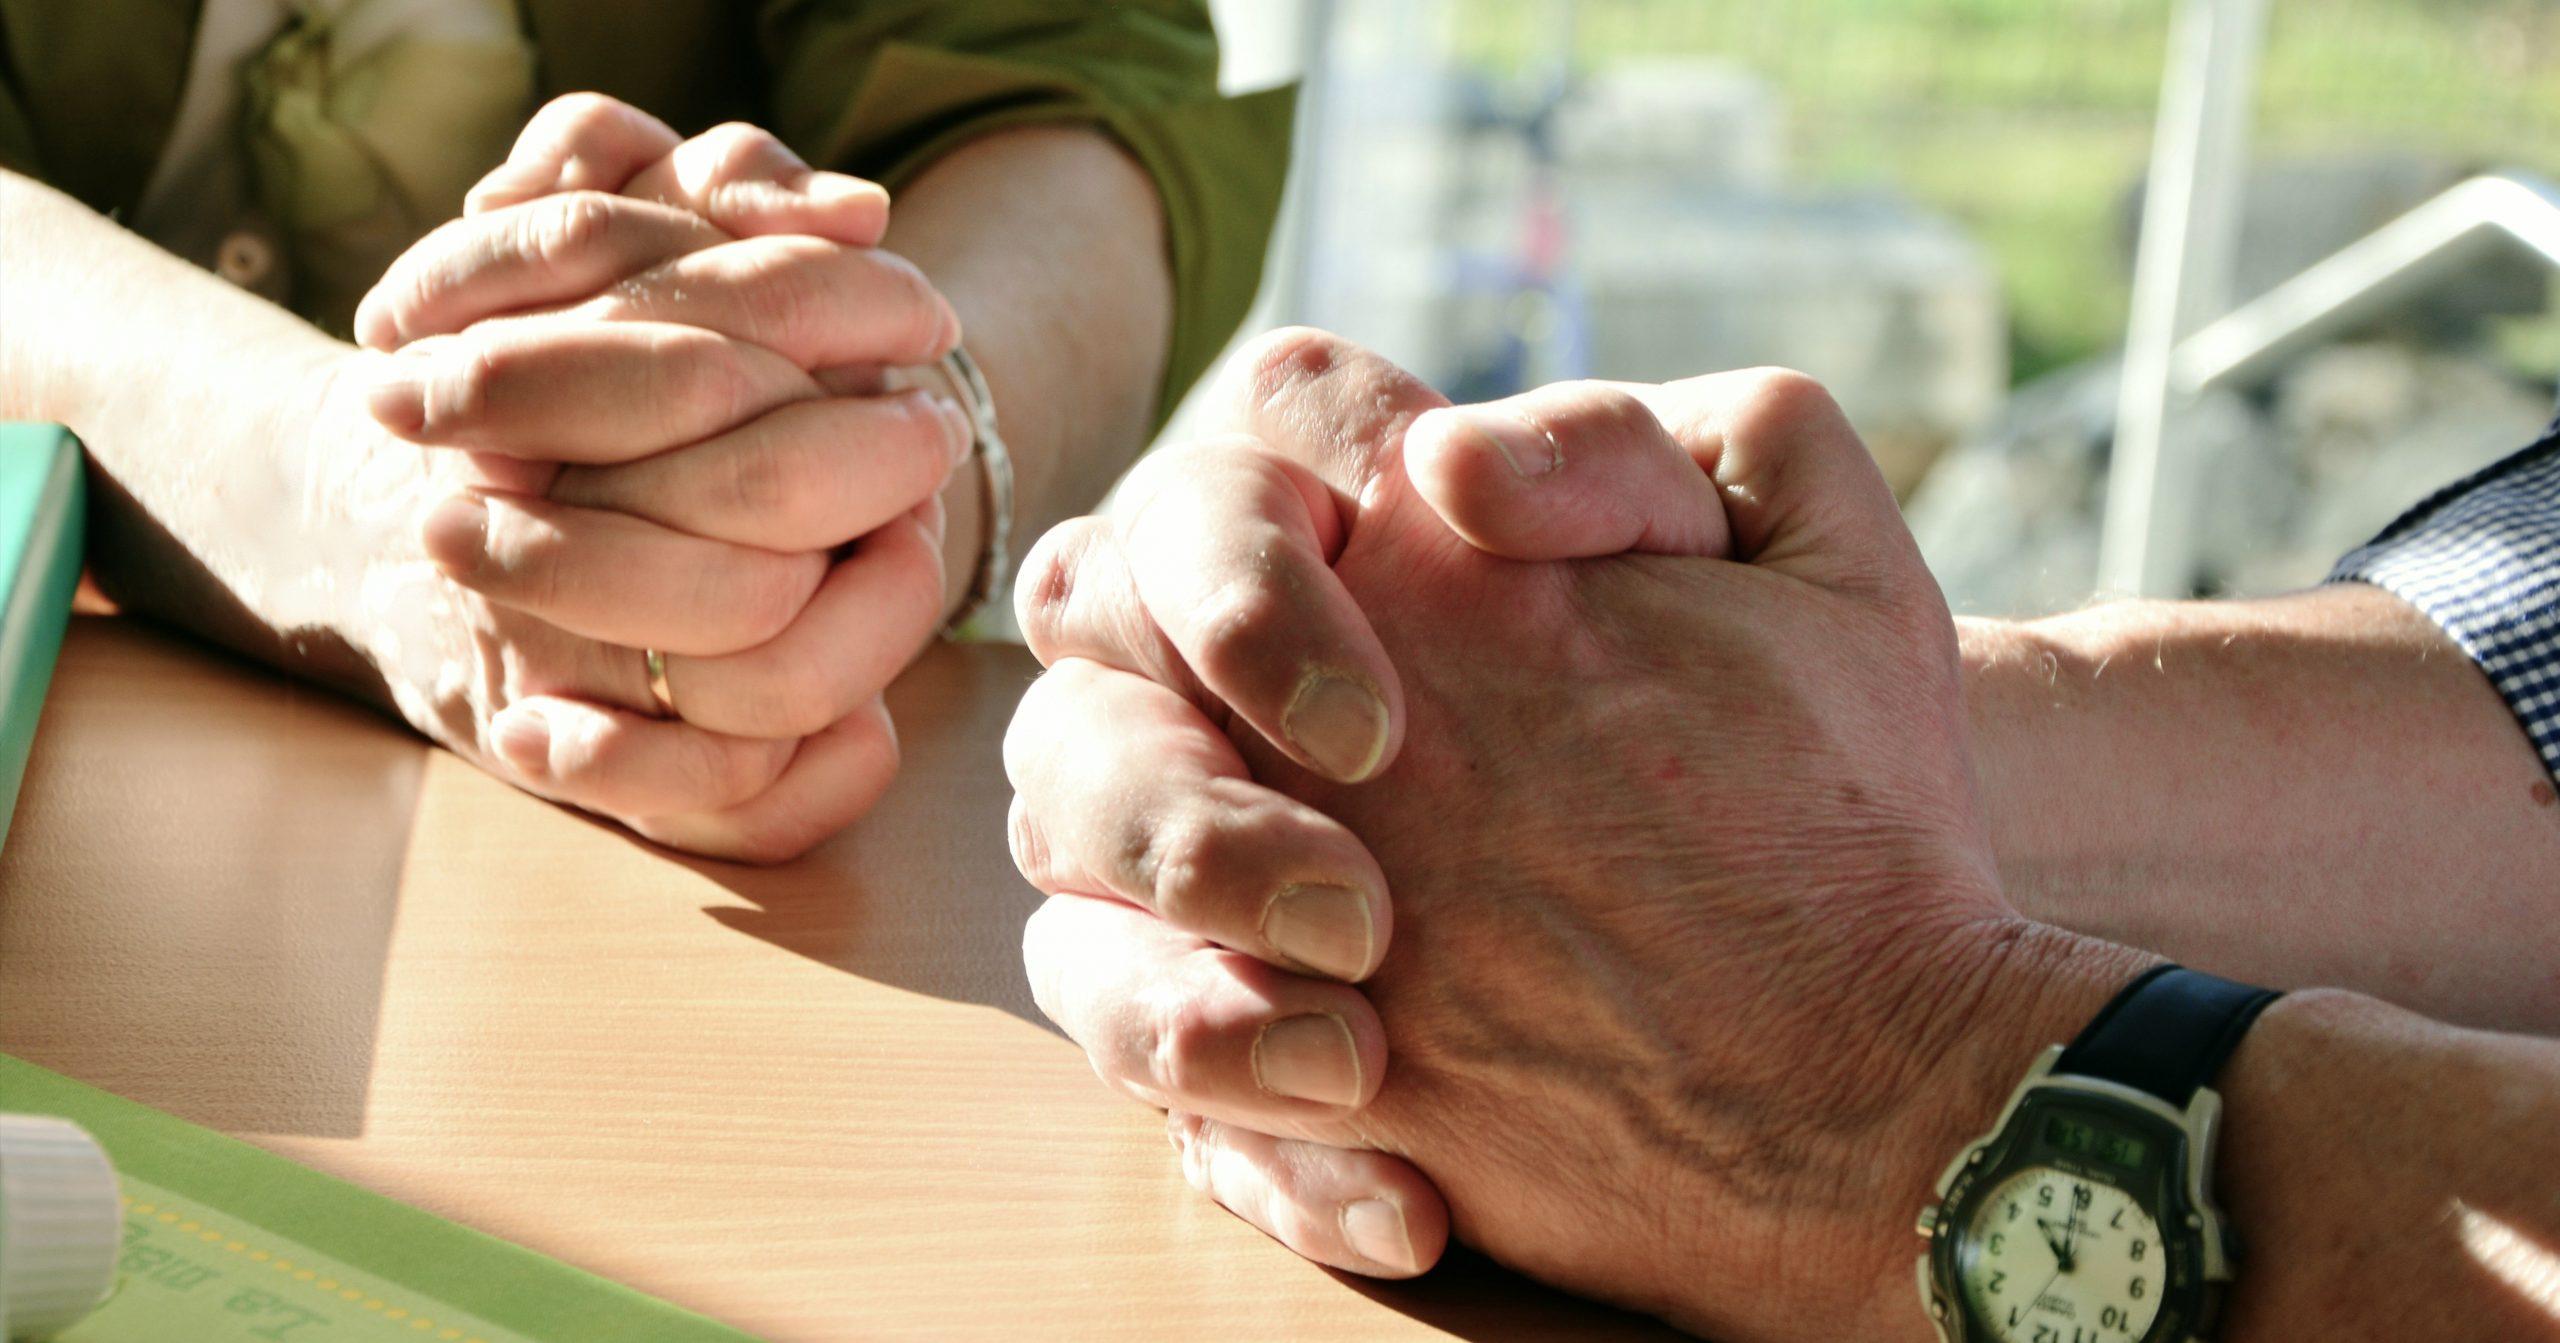 betende Hände